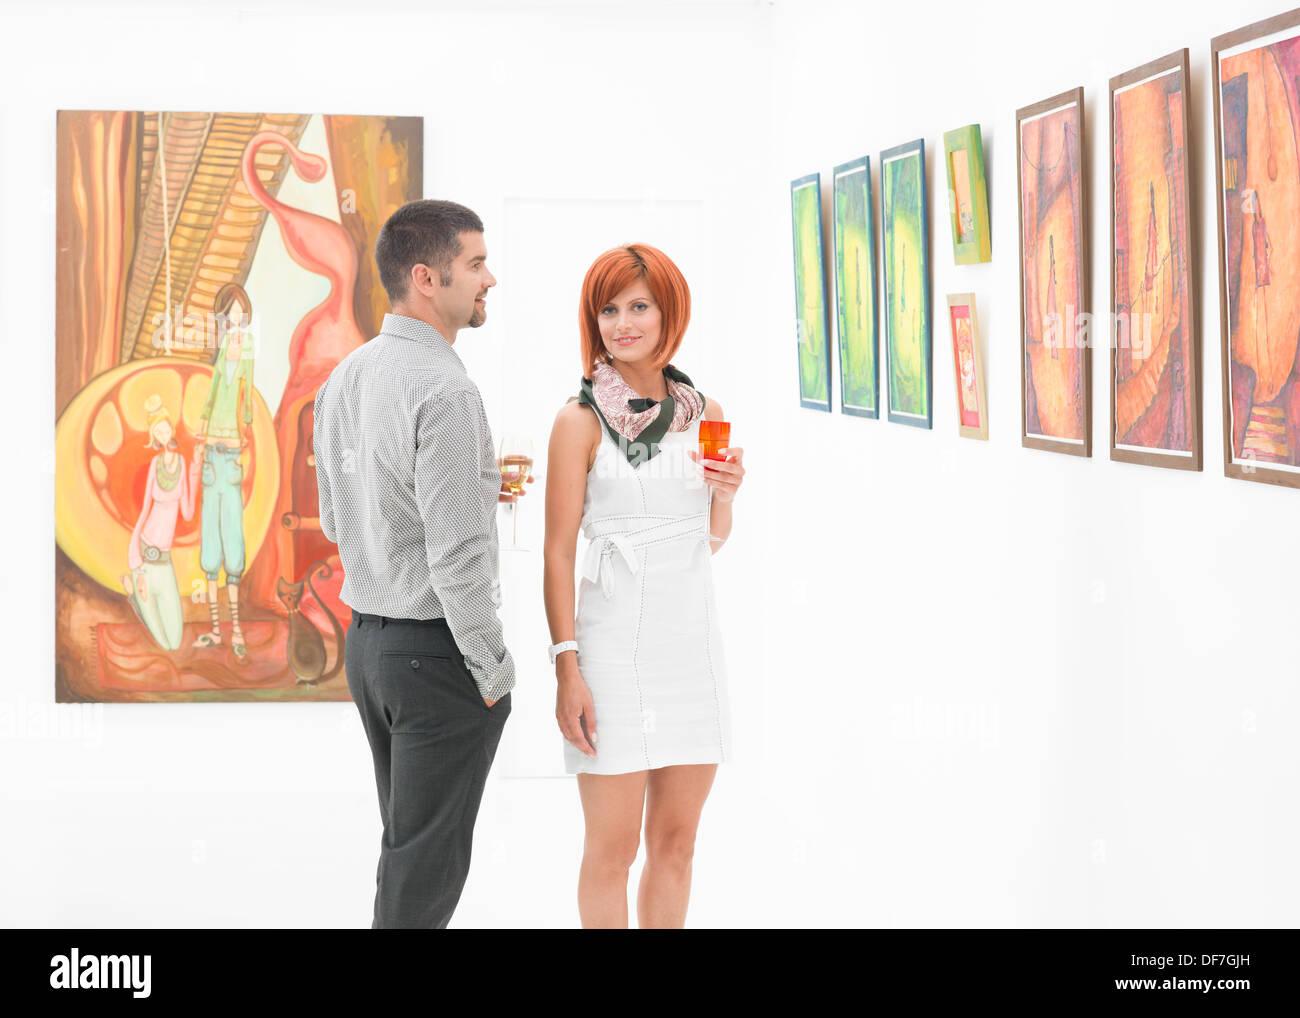 junge schöne Frau posiert neben einem kaukasischen Mann in einer Kunstgalerie, bunte Gläser Wein in ihren Händen halten Stockbild